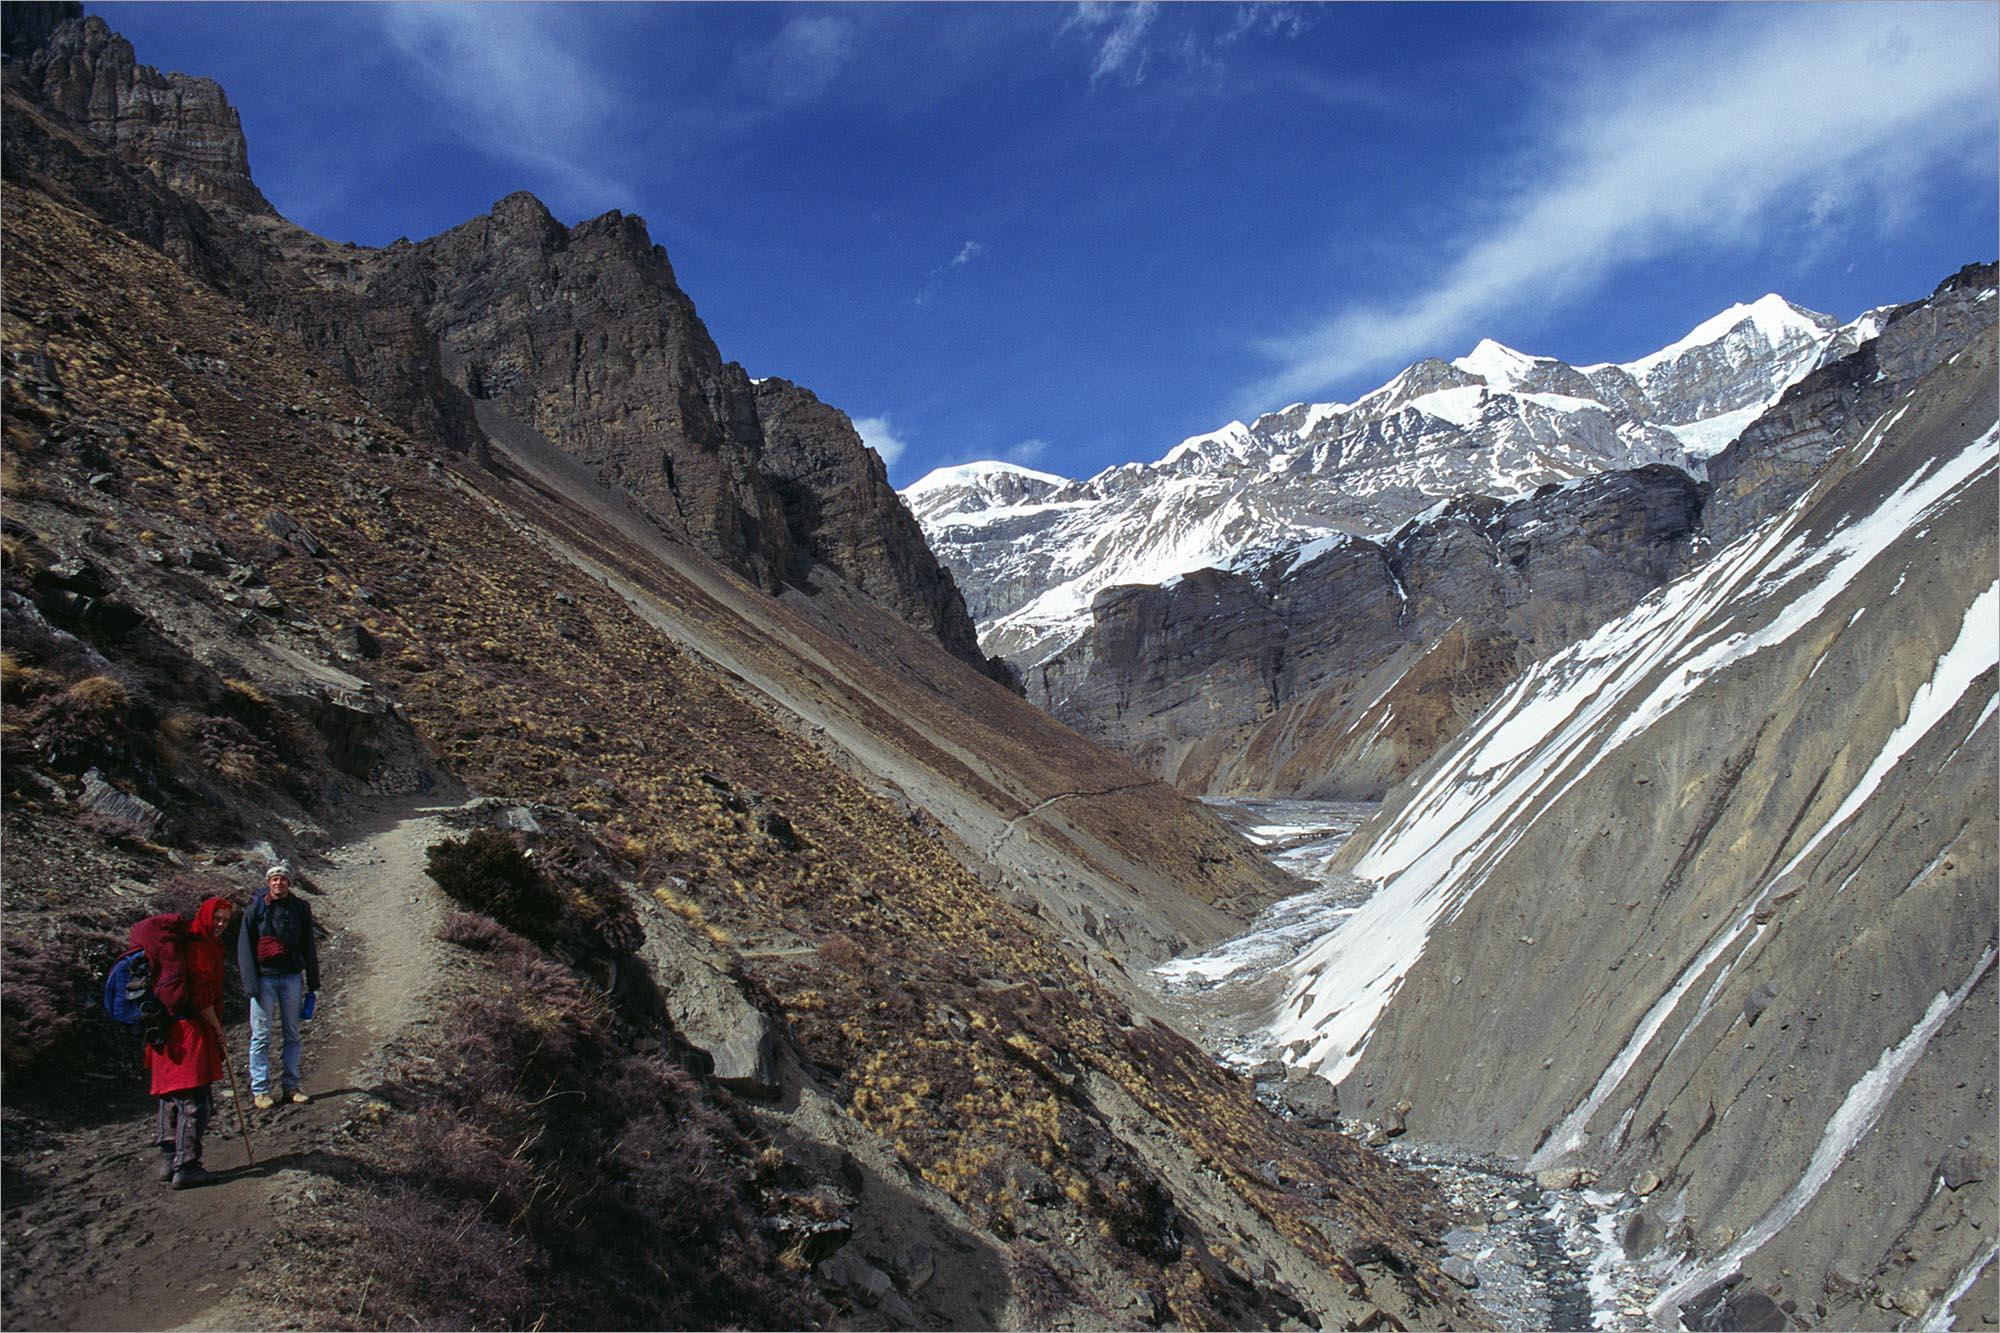 Op weg naar Thorung Pedi, Annapurna Circuit, Nepal